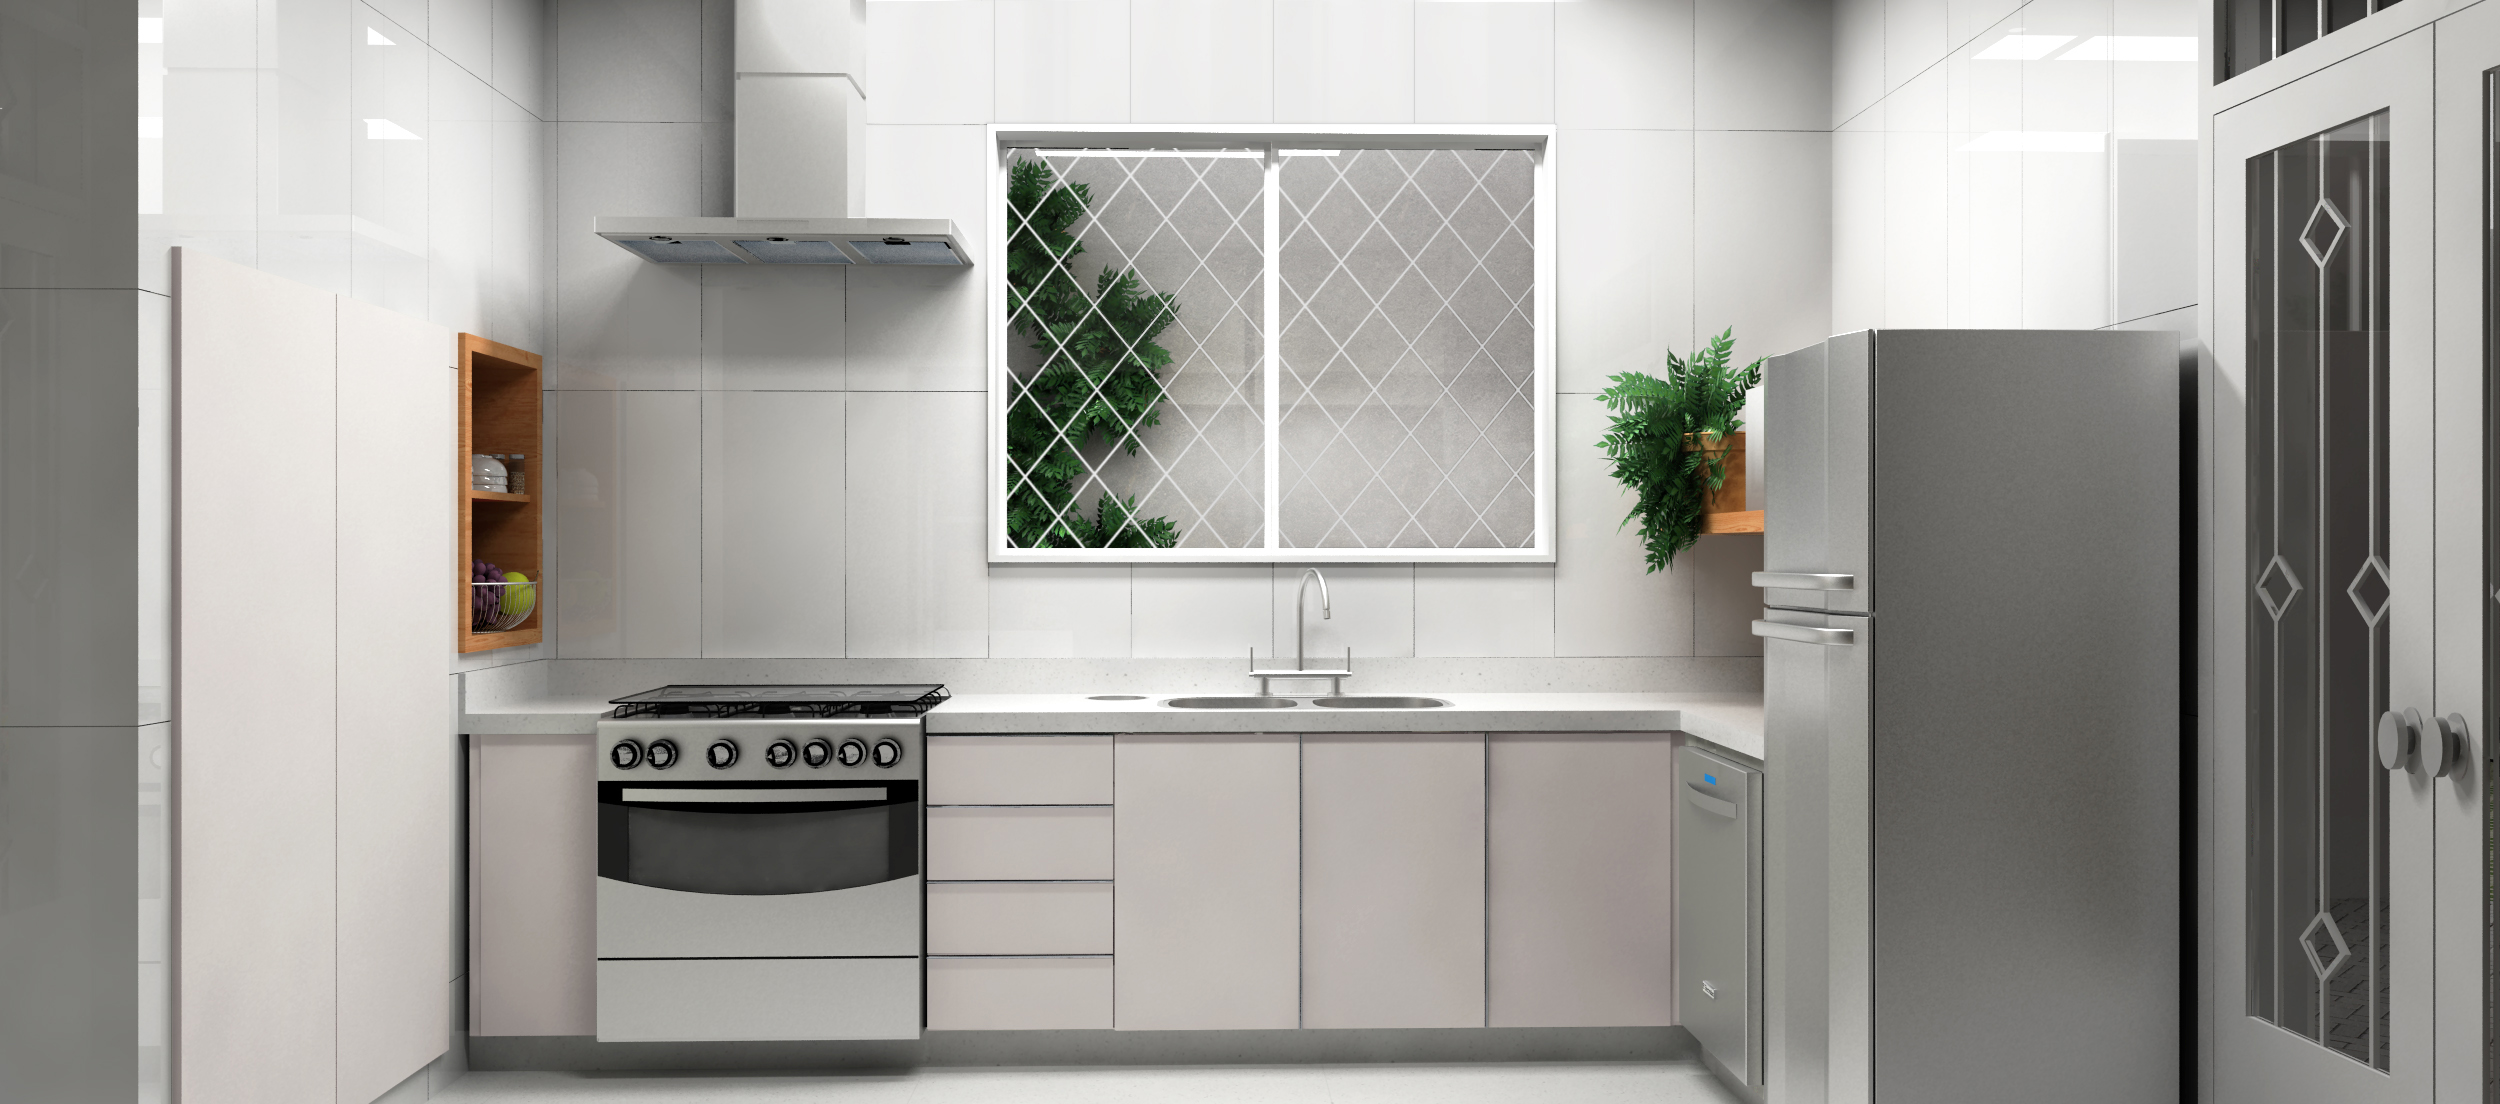 Cozinha ampliada com revestimento em porcelanato branco, armários claros, prateleiras e nichos em madeira e eletrodomésticos em inox.